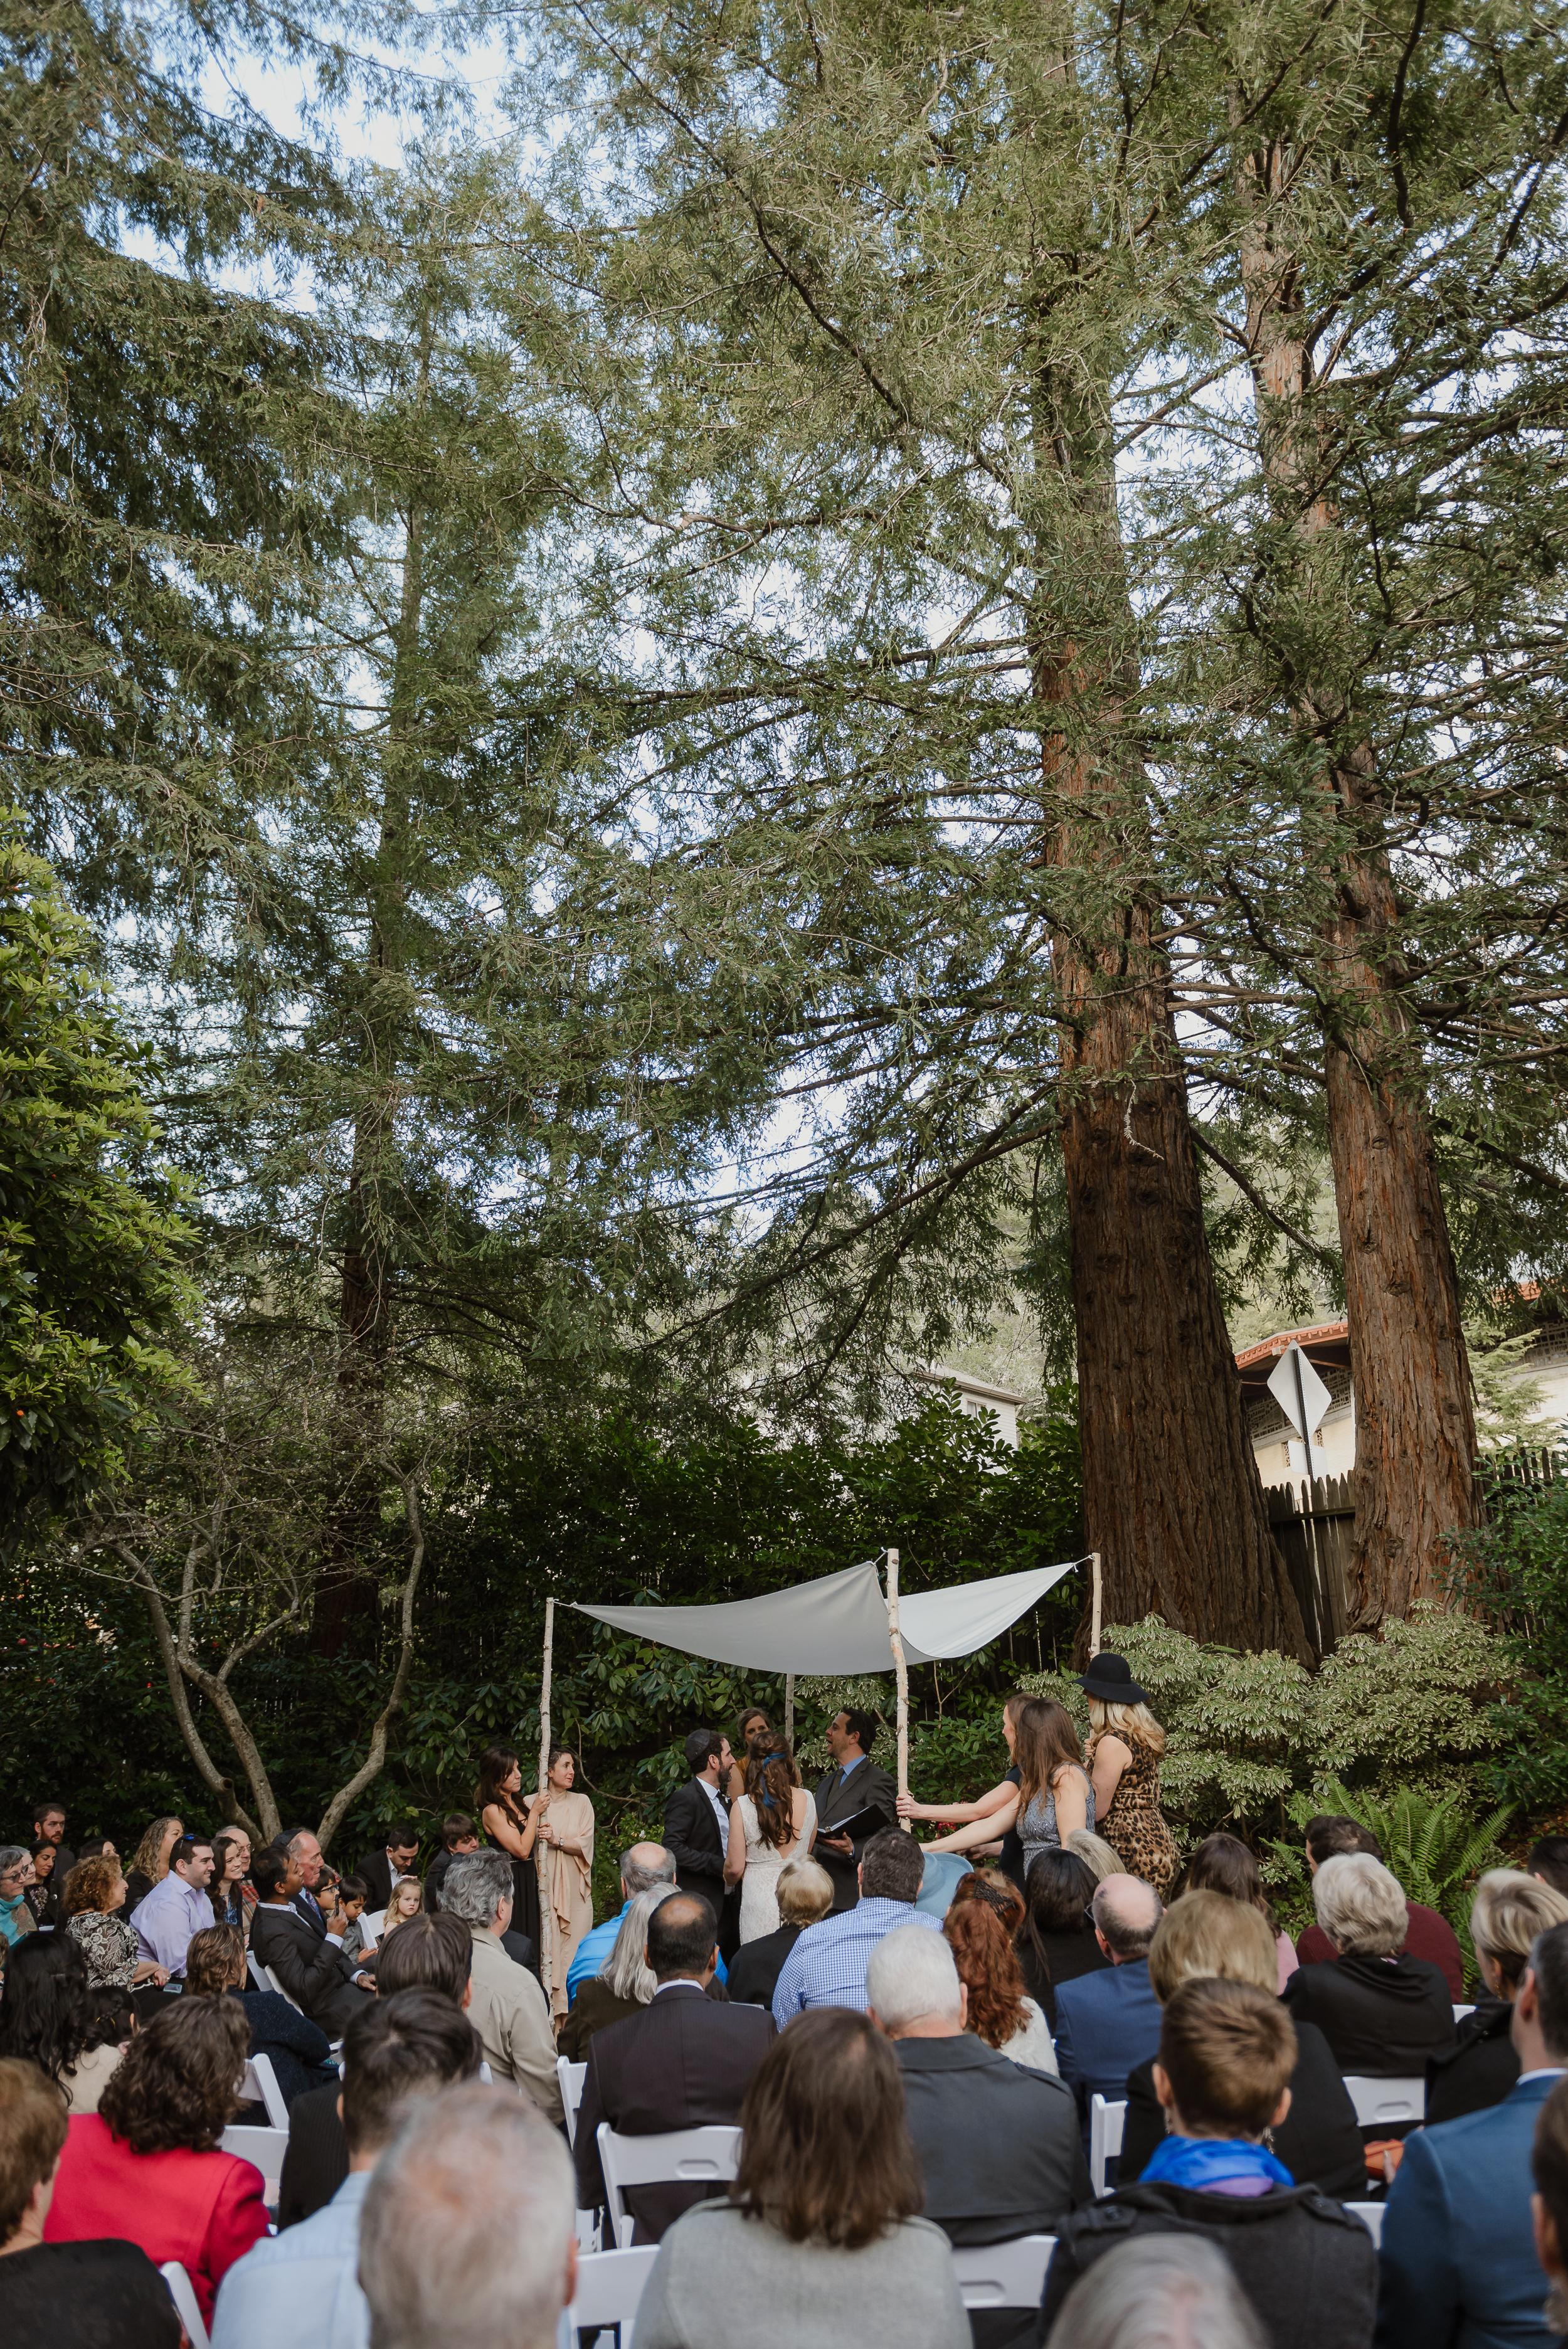 039winter-mill-valley-wedding-outdoor-art-club-wedding-vivianchen-197.jpg